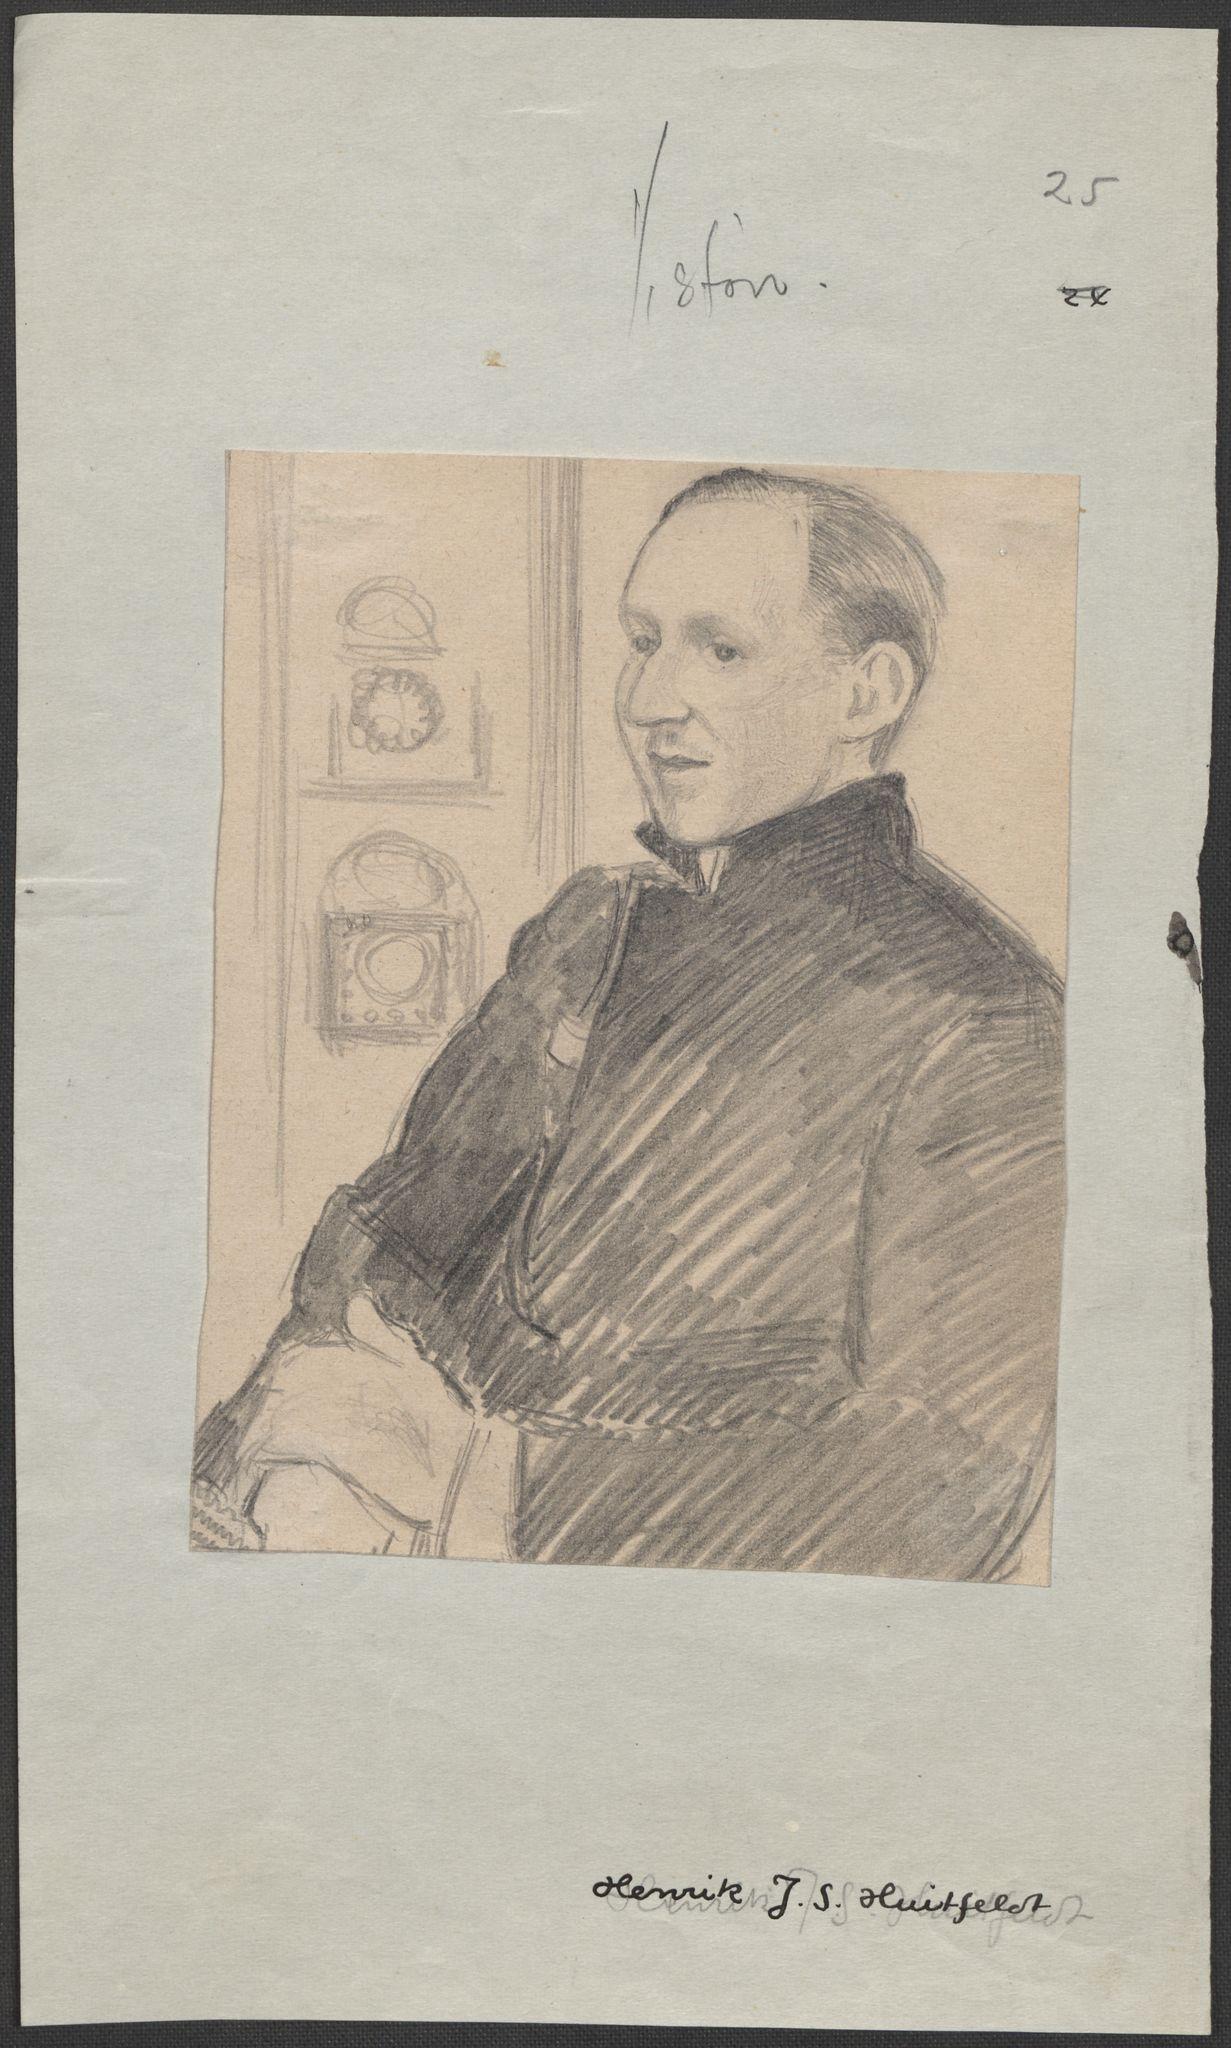 RA, Grøgaard, Joachim, F/L0002: Tegninger og tekster, 1942-1945, p. 70